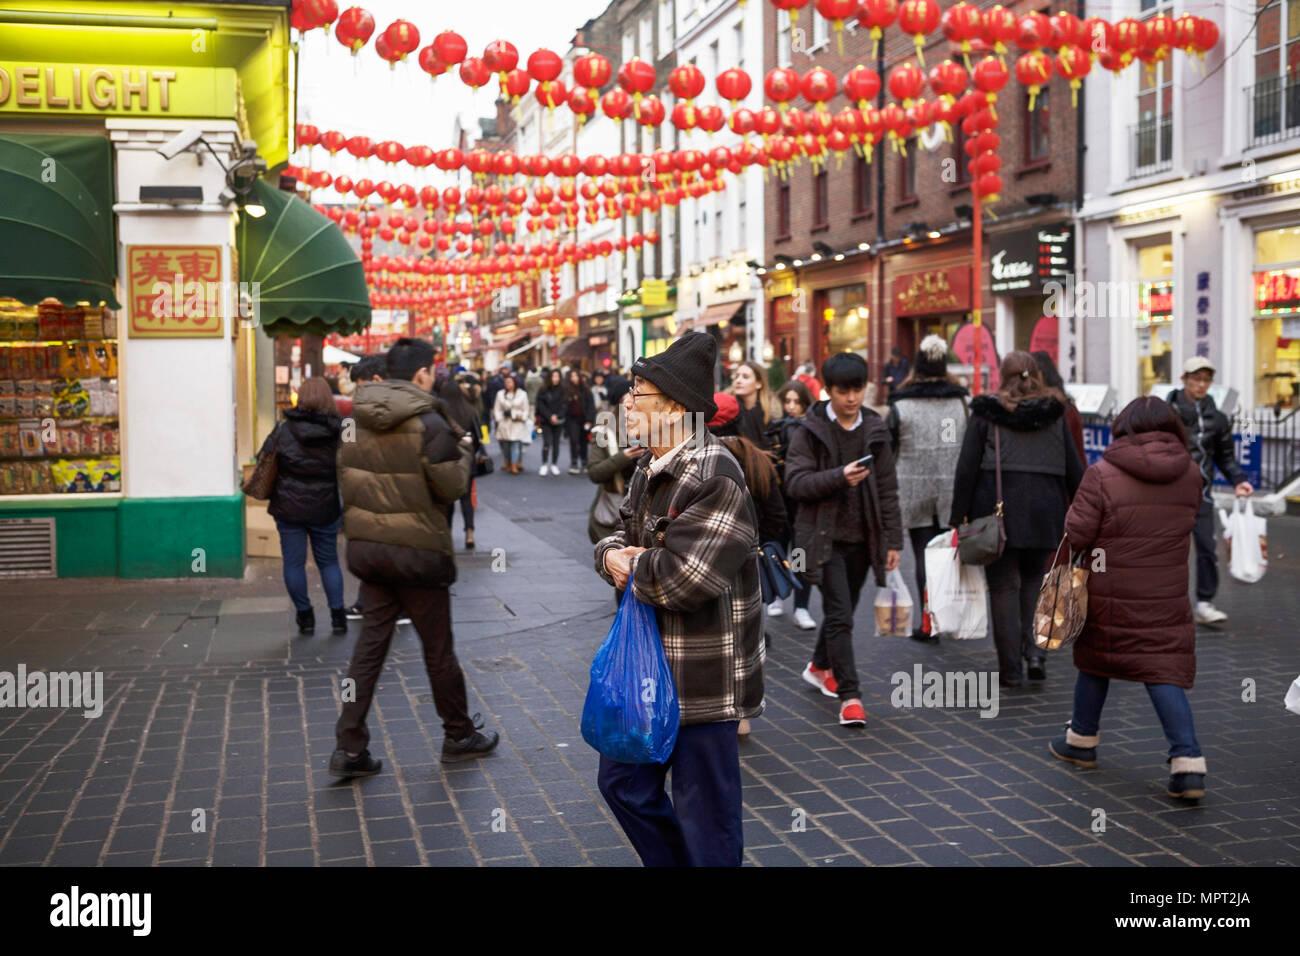 China Town London, UK. (Chinatown London) - Stock Image